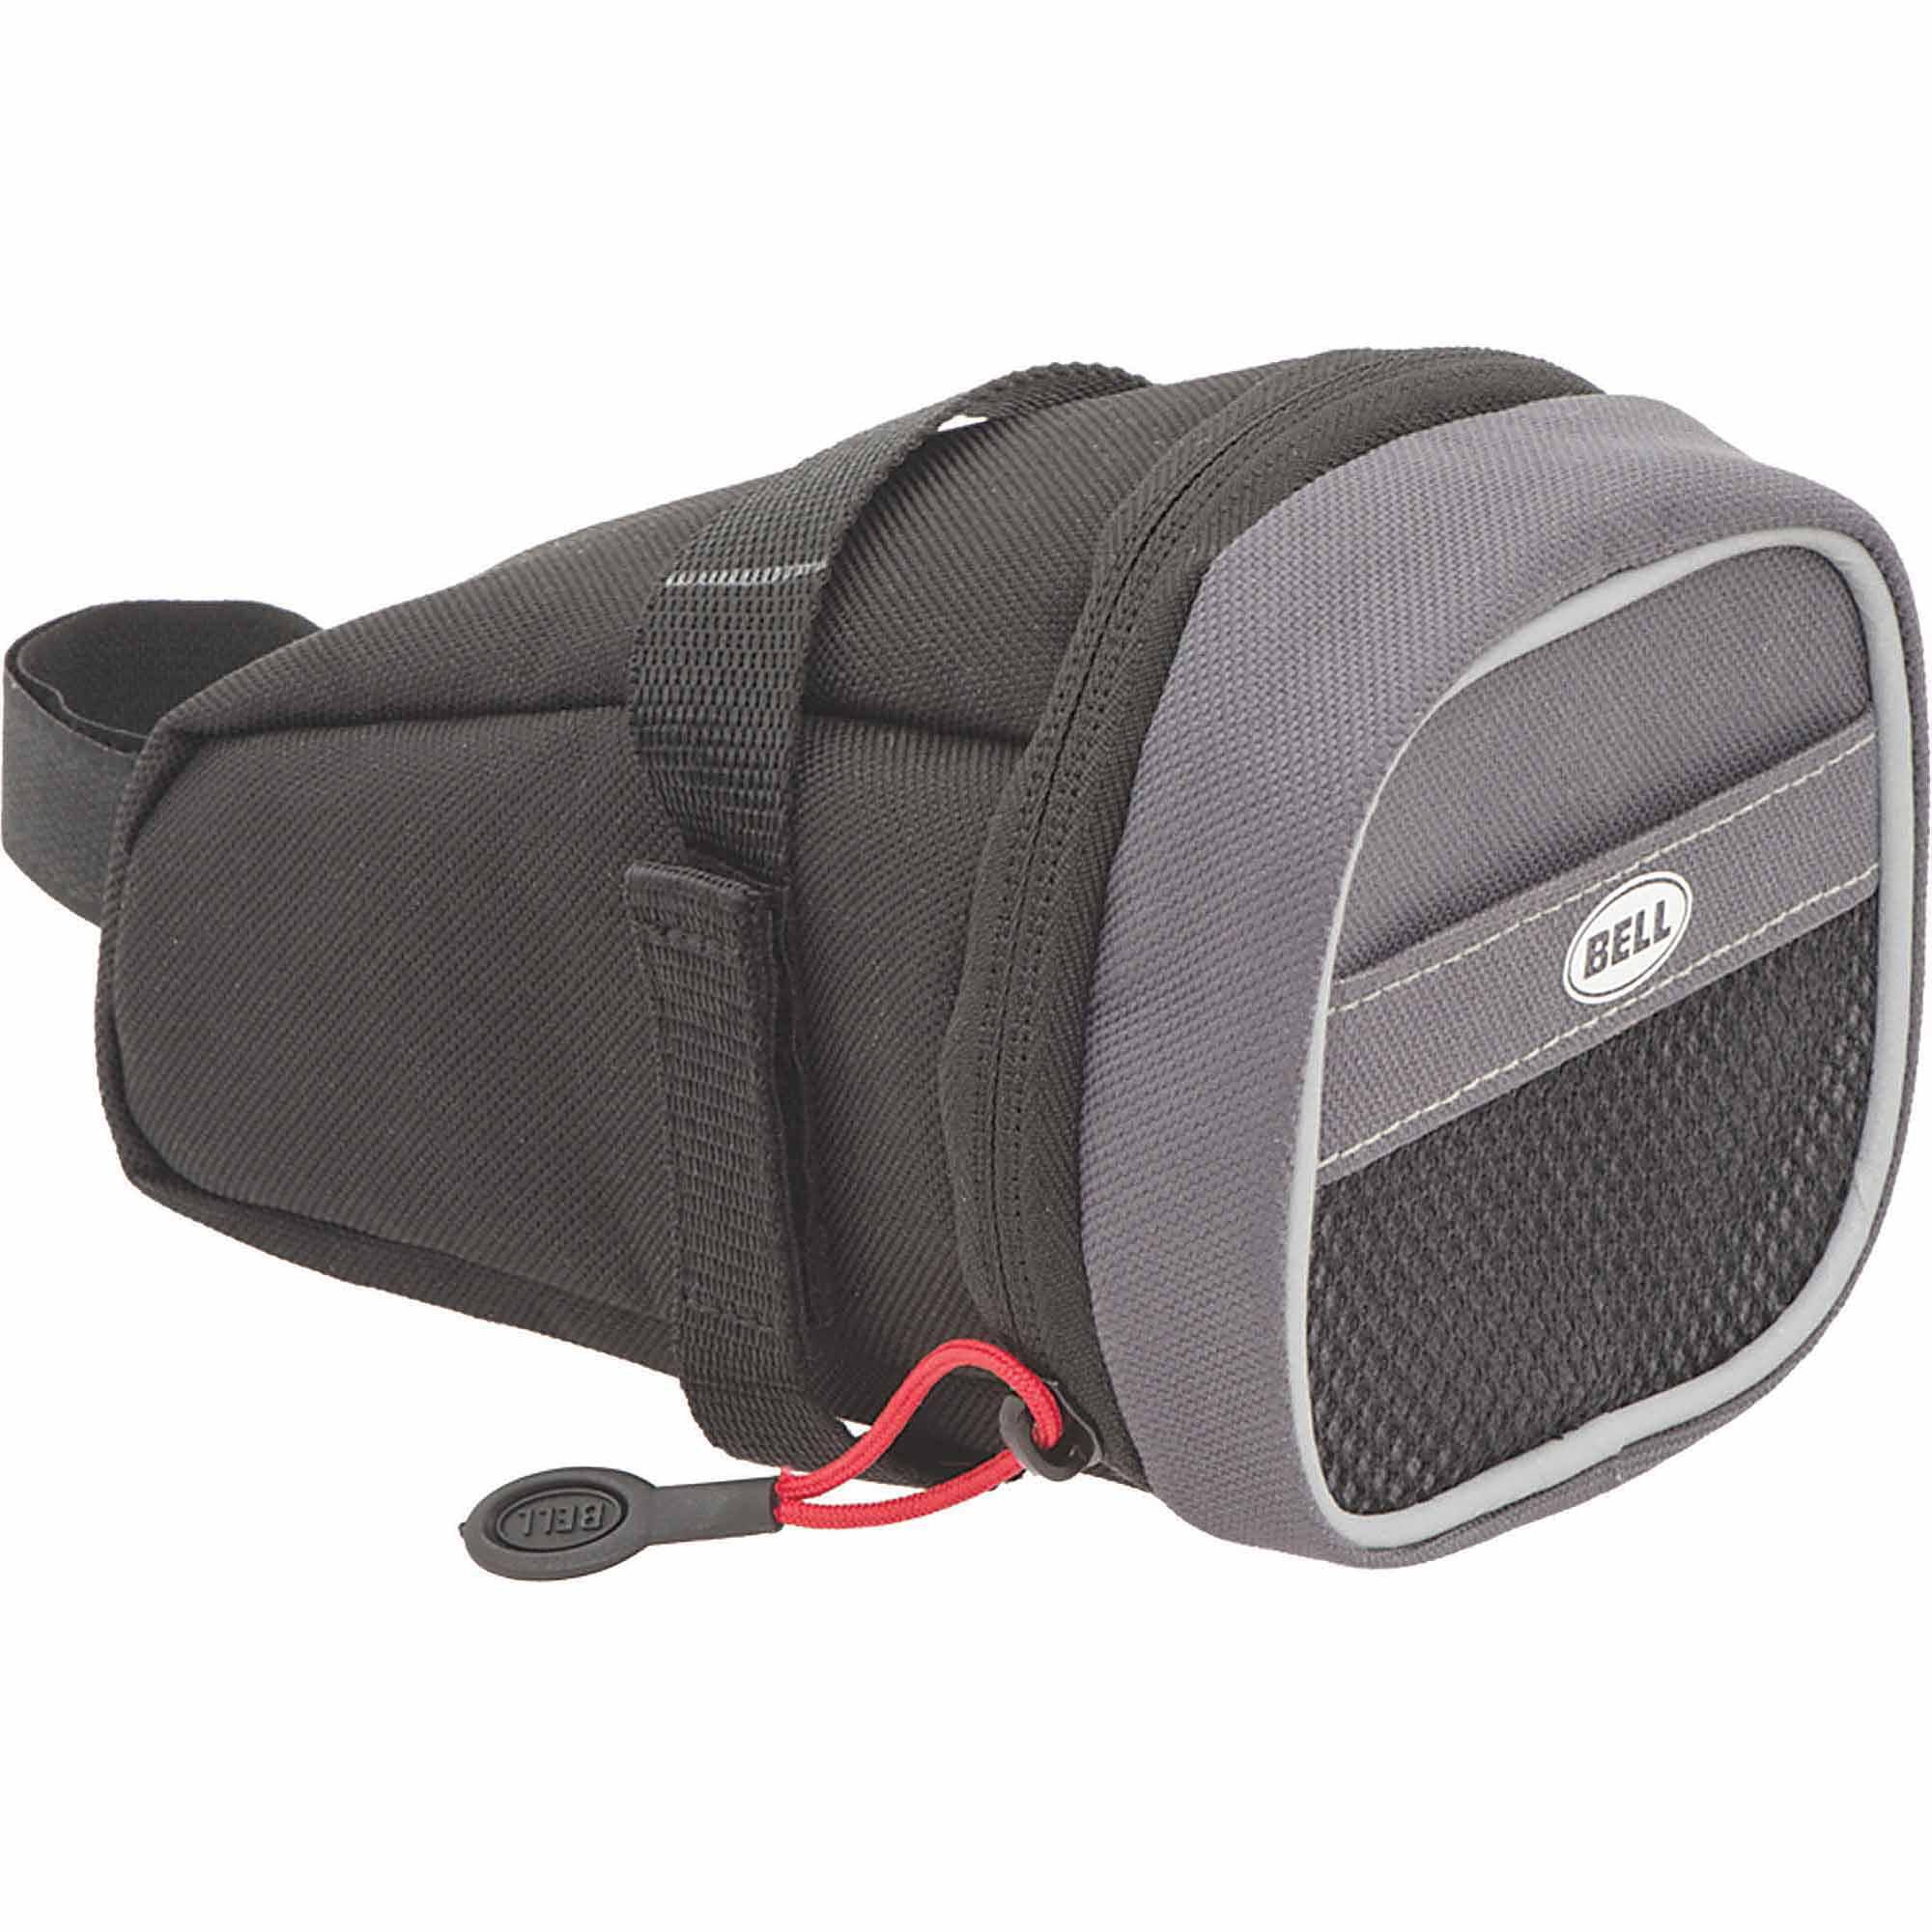 Bell Rucksack 500 Saddle Bag, Black